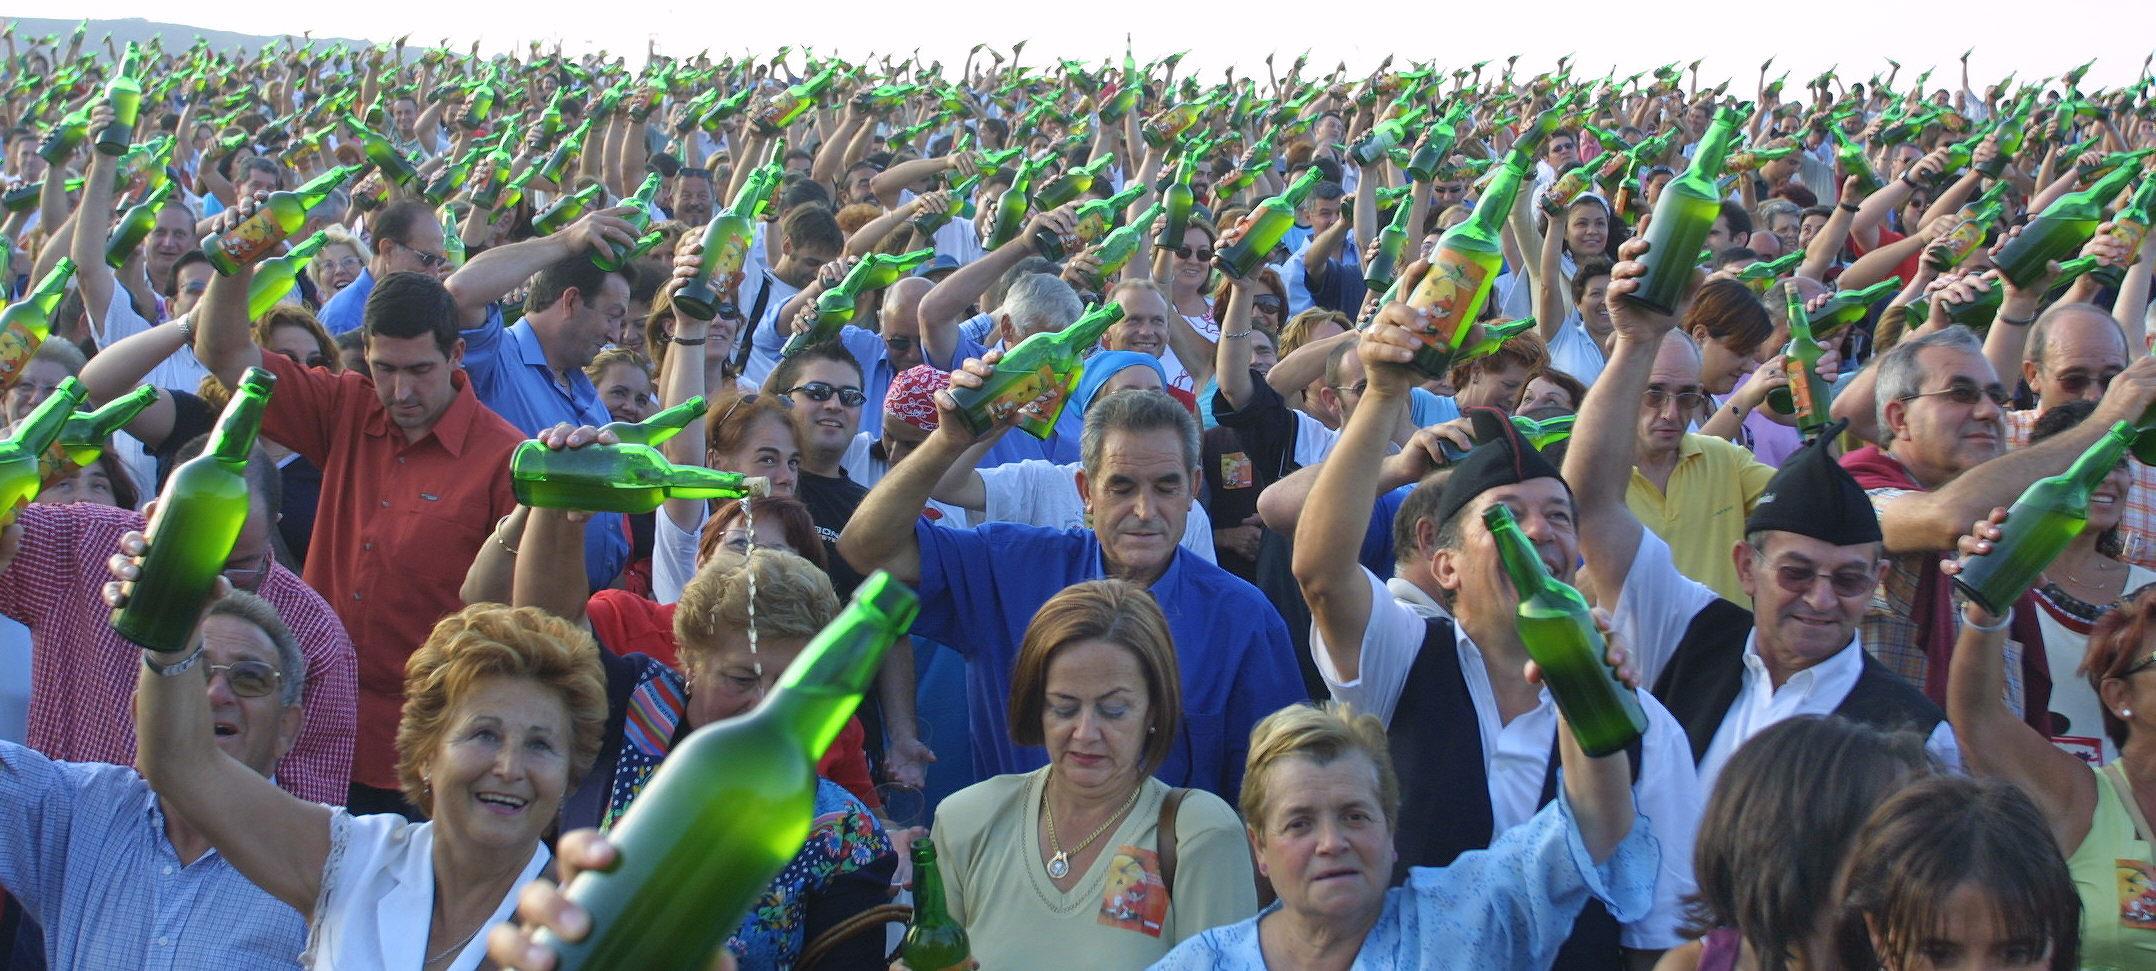 Un mes de fiesta en fiesta por asturias la rebotica de for Jardines de la reina gijon